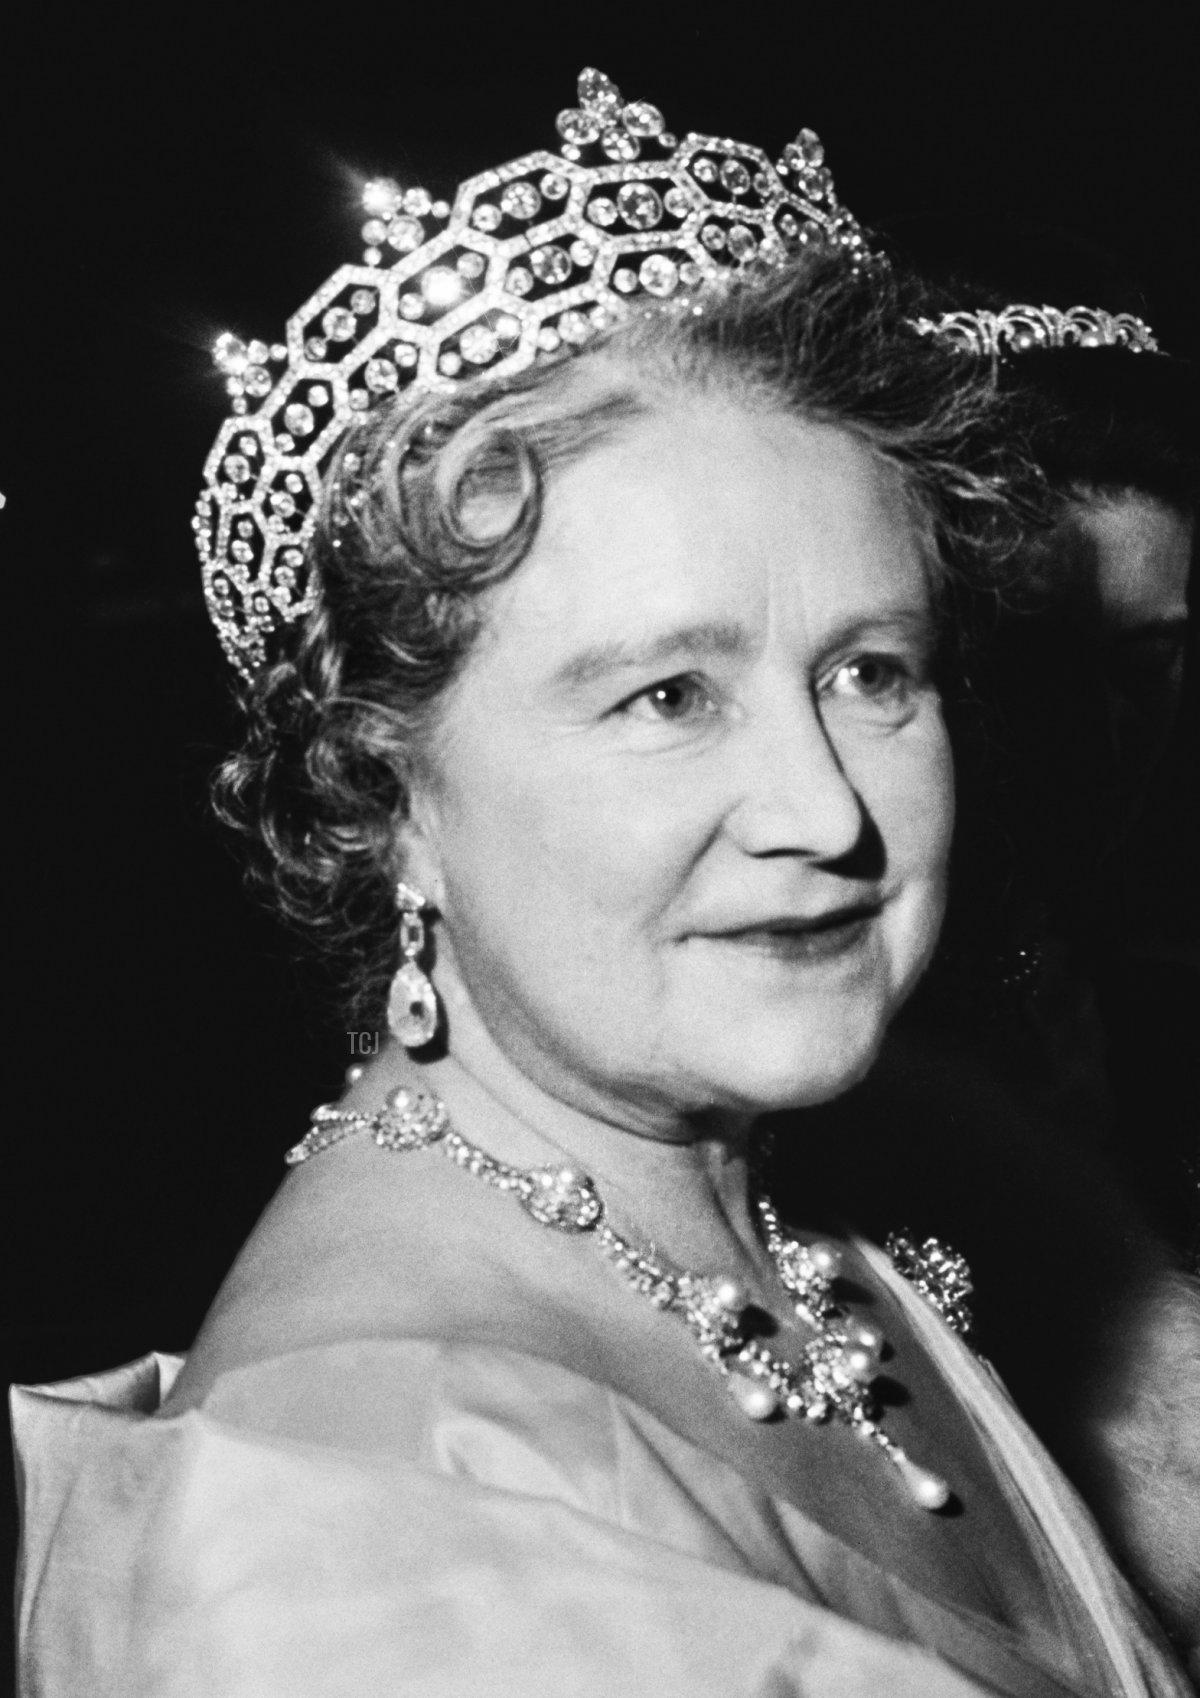 Queen Elizabeth, the Queen Mother (1900 - 2002), UK, 19th November 1964